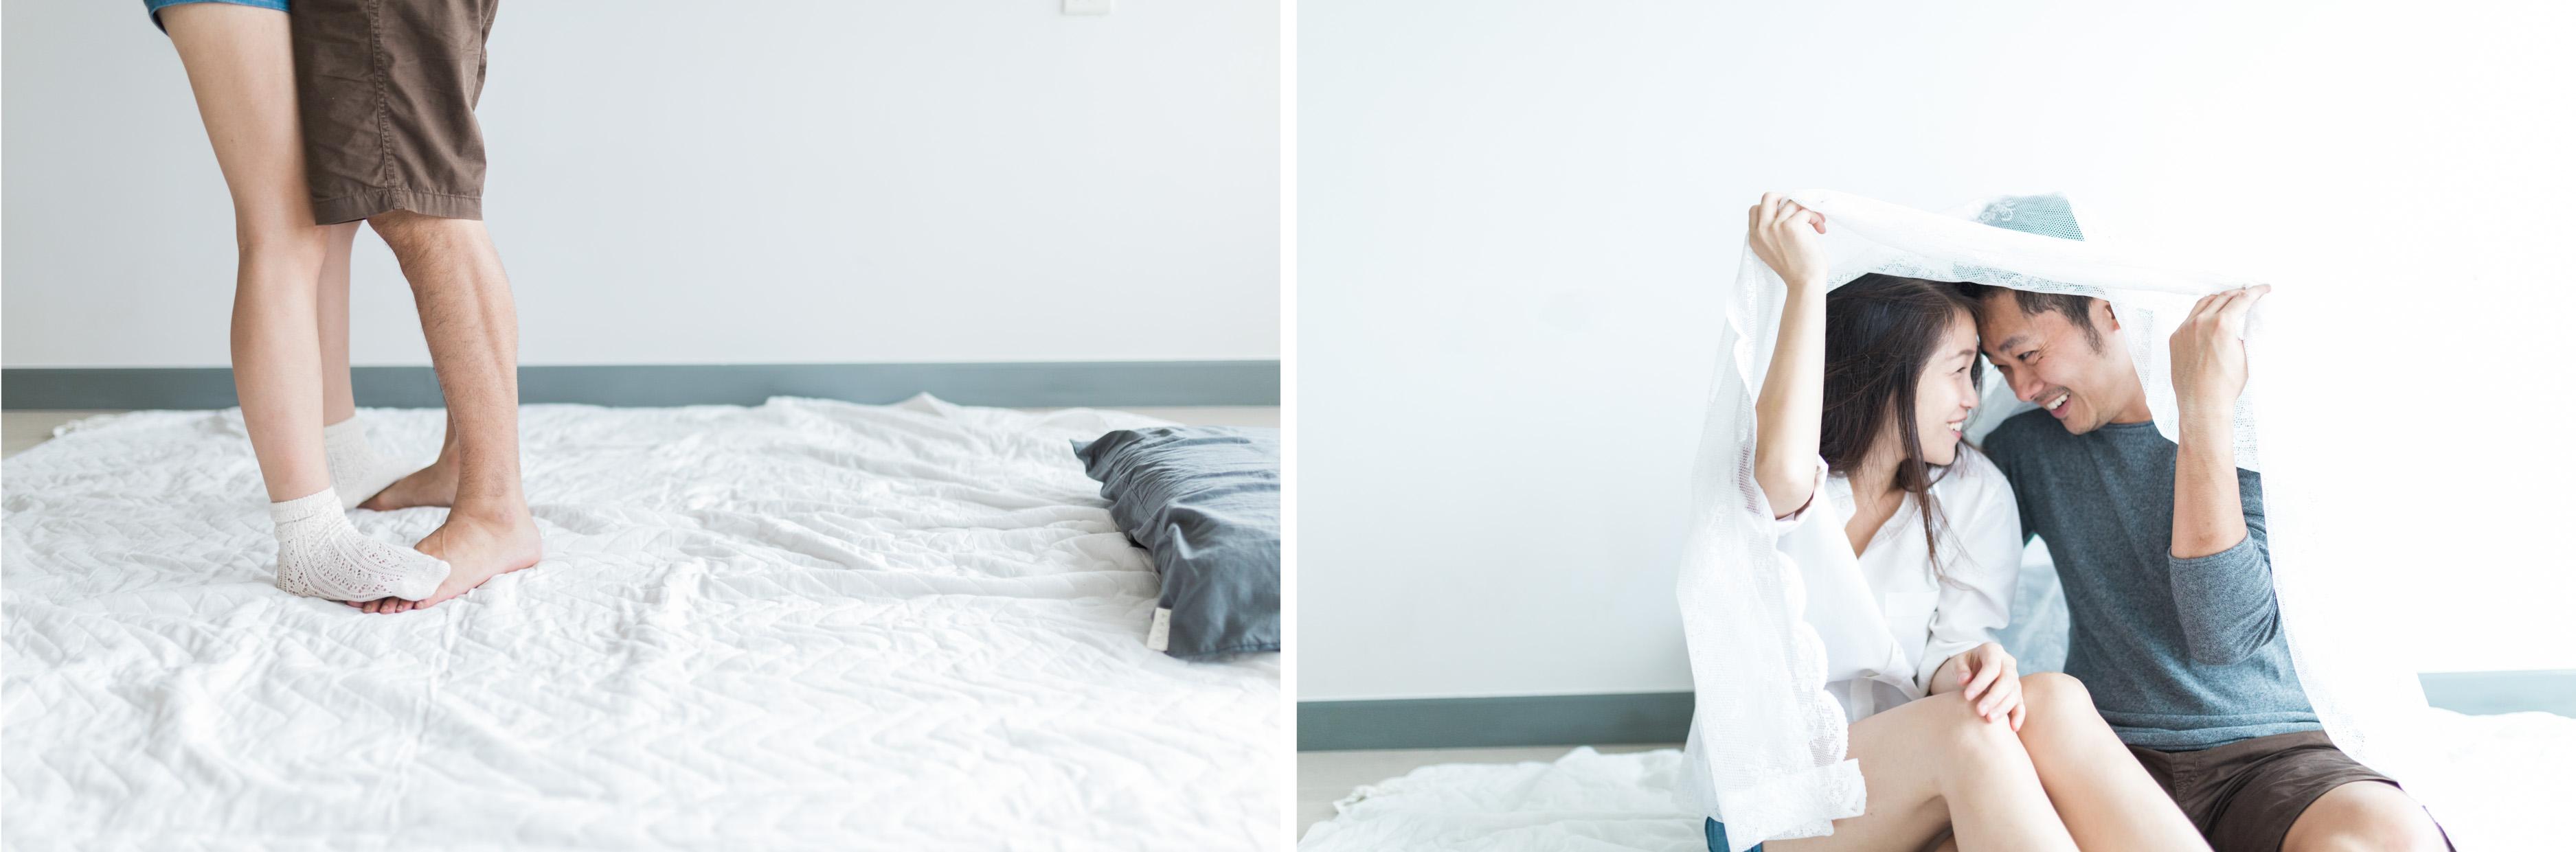 25-hellojanelee-couple-prewedding-malaysia-sekinchan-photoshoot